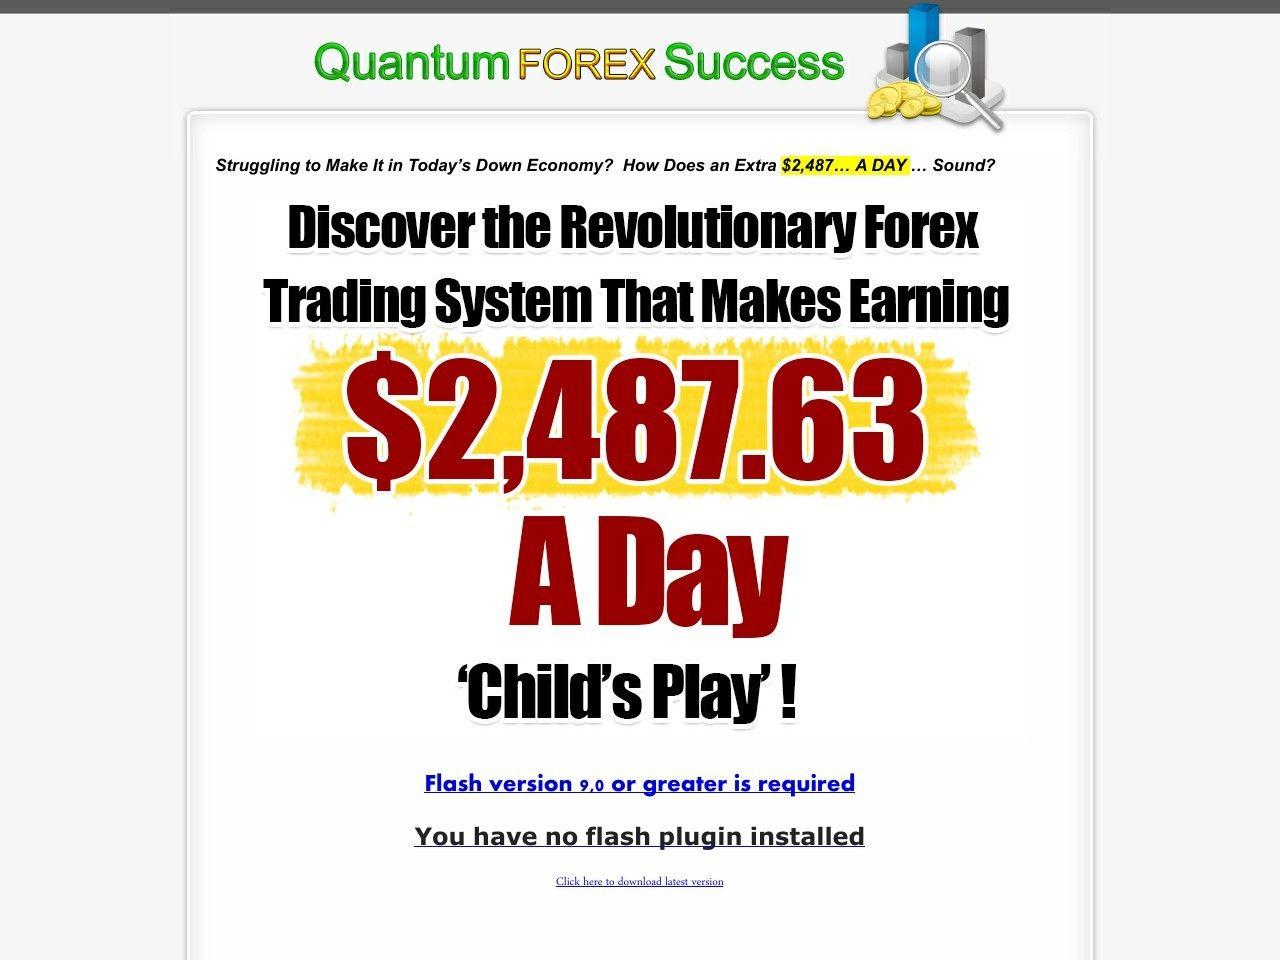 Quantum forex trade